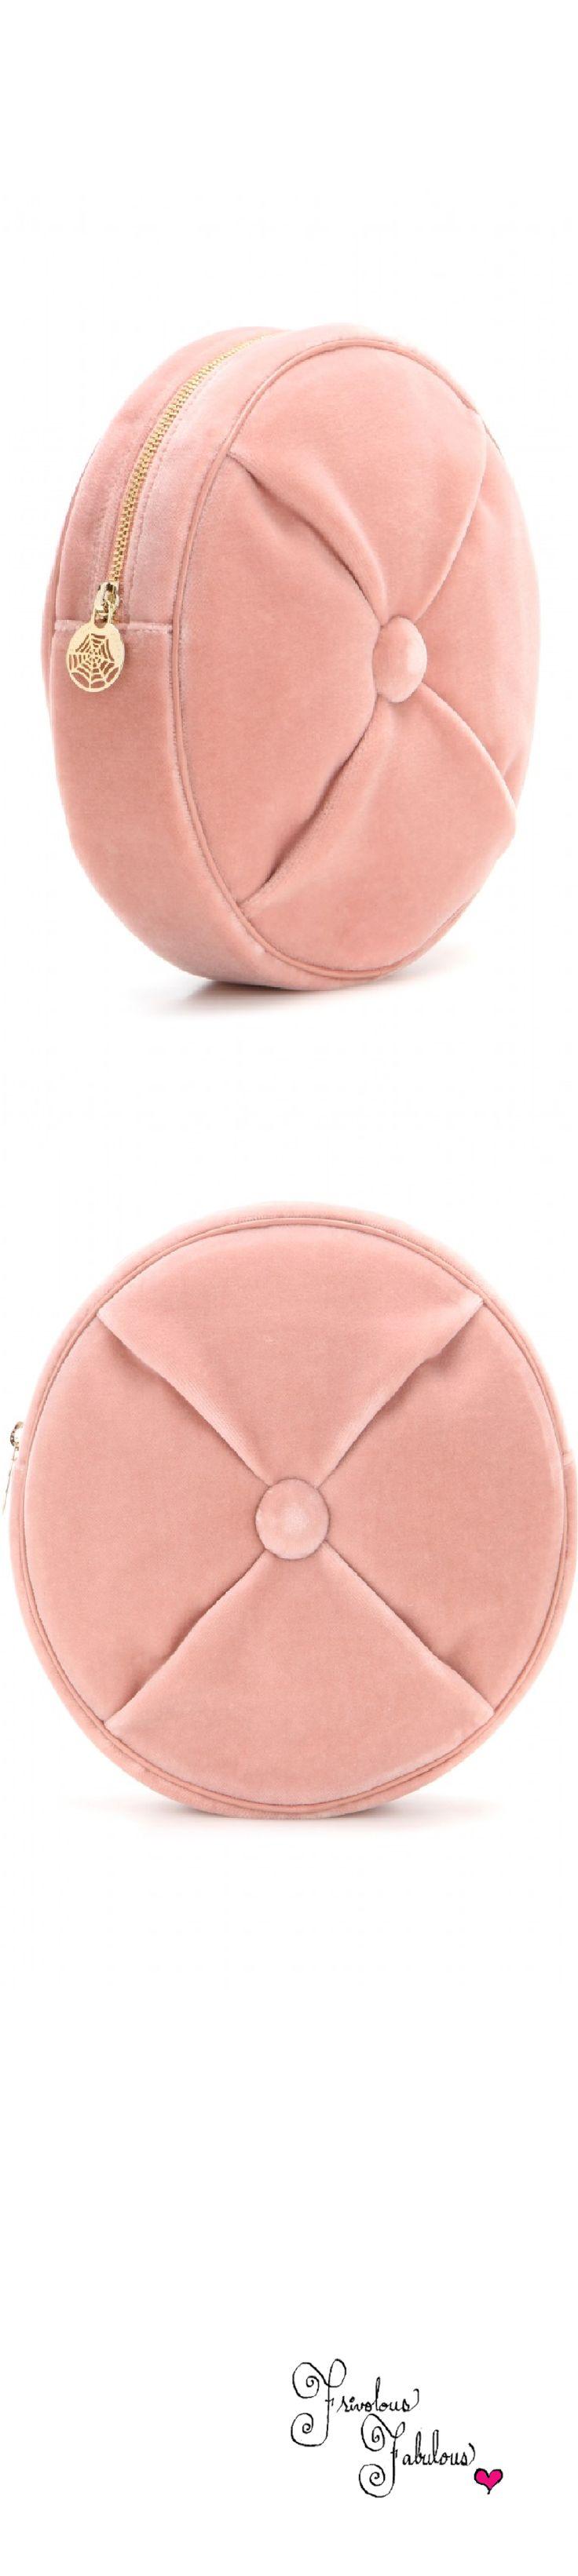 1000 ideas about pink velvet on pinterest velvet pink velvet sofa and pink sofa